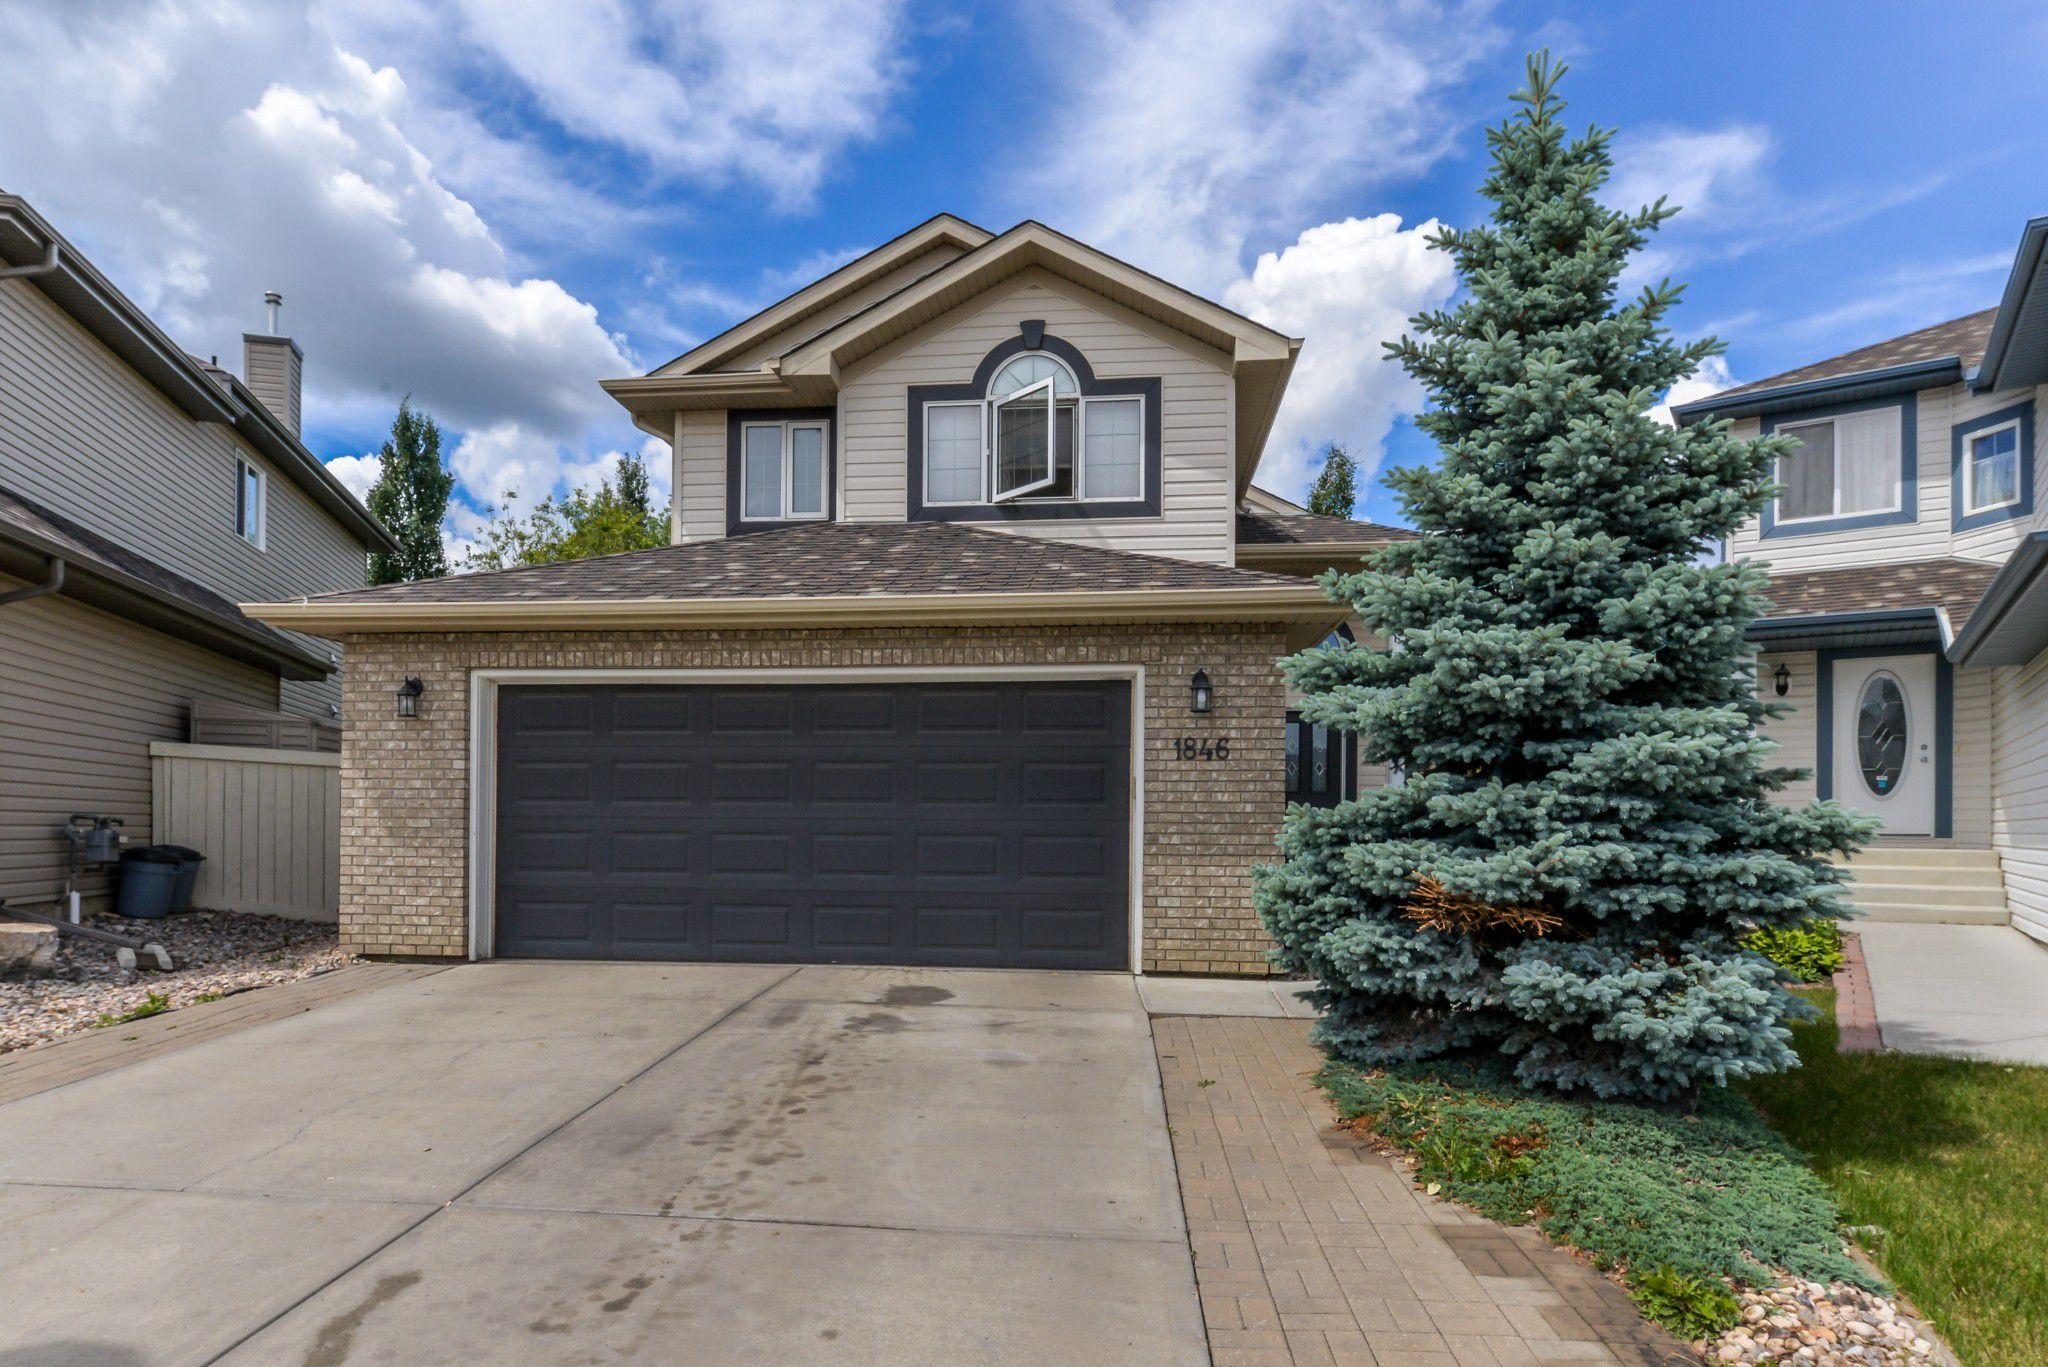 Main Photo: 1846 Lemieux Close in Edmonton: House for sale